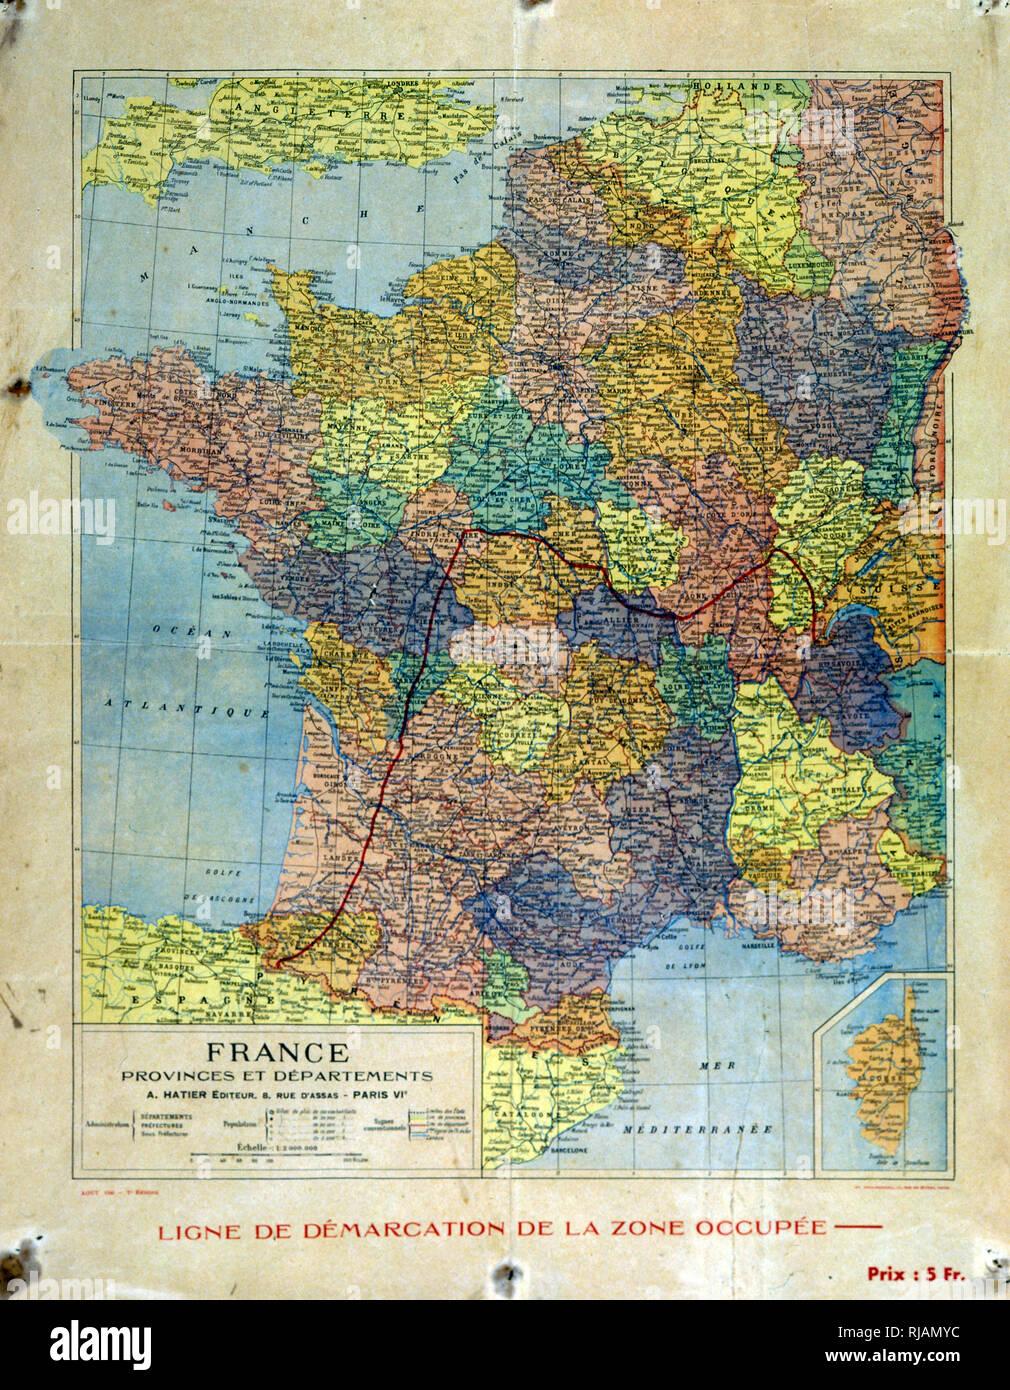 Nordfrankreich Karte.Karte Von Frankreich übersicht Der Genutzten Fläche Nordfrankreich